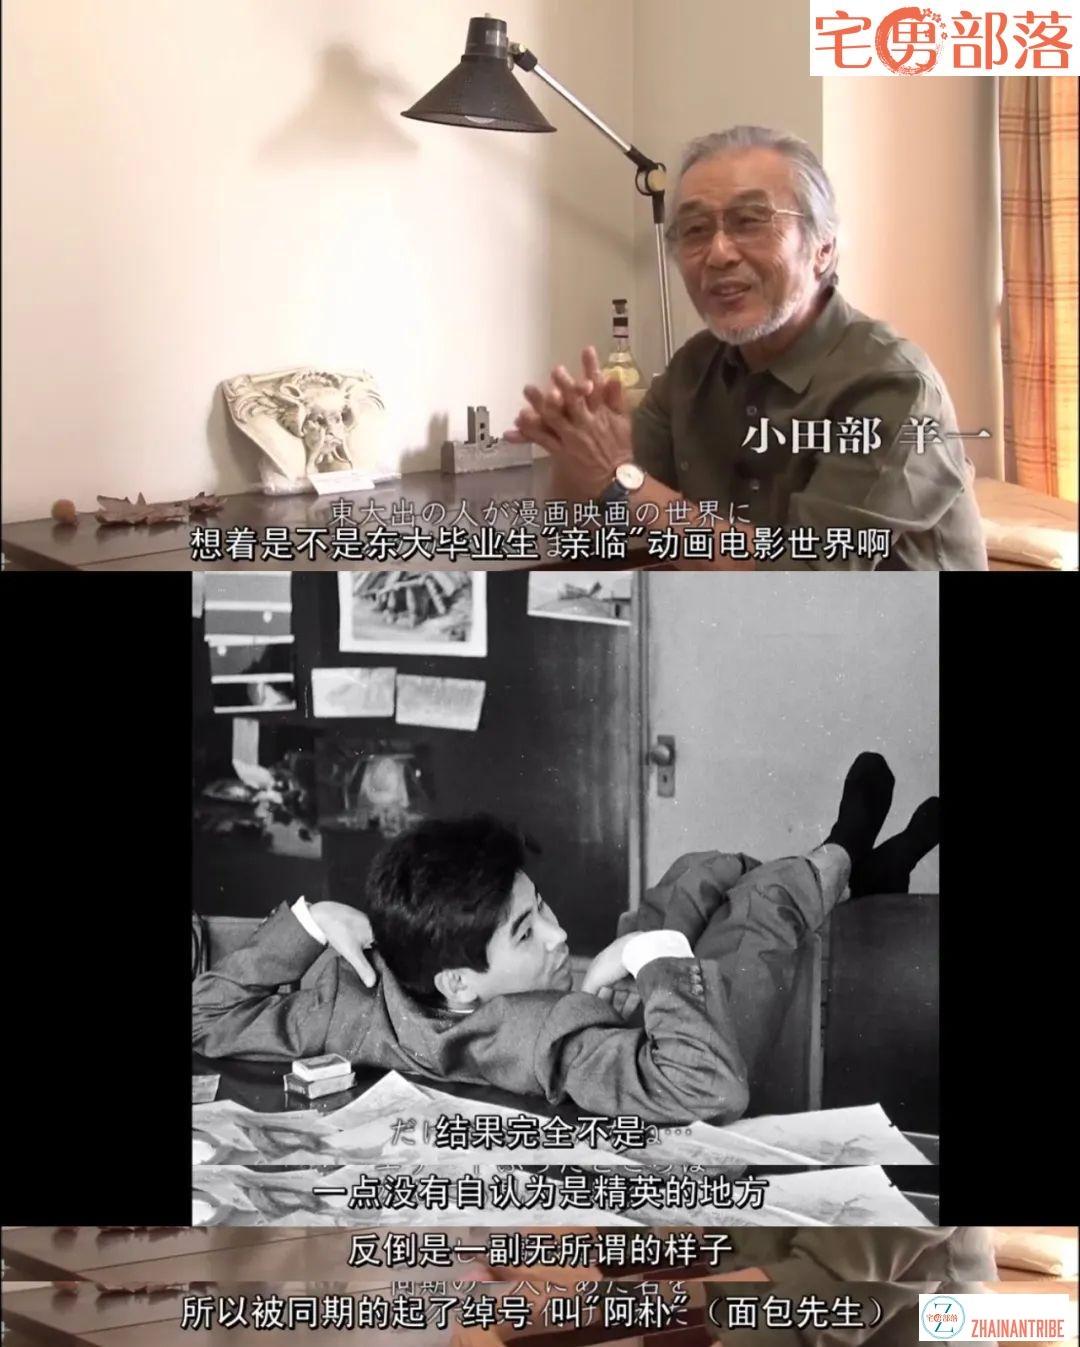 吉卜力创办35周年纪念日,不止神话那么简单_图片 No.61